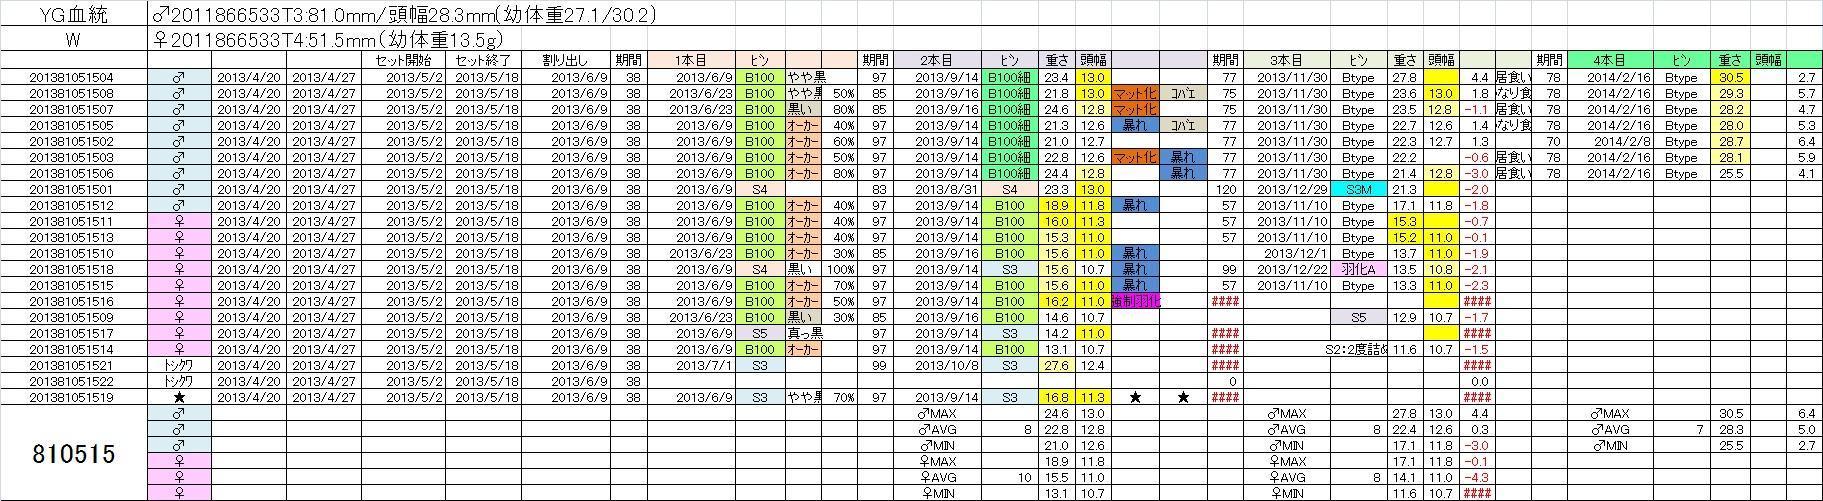 2013810515 4本目